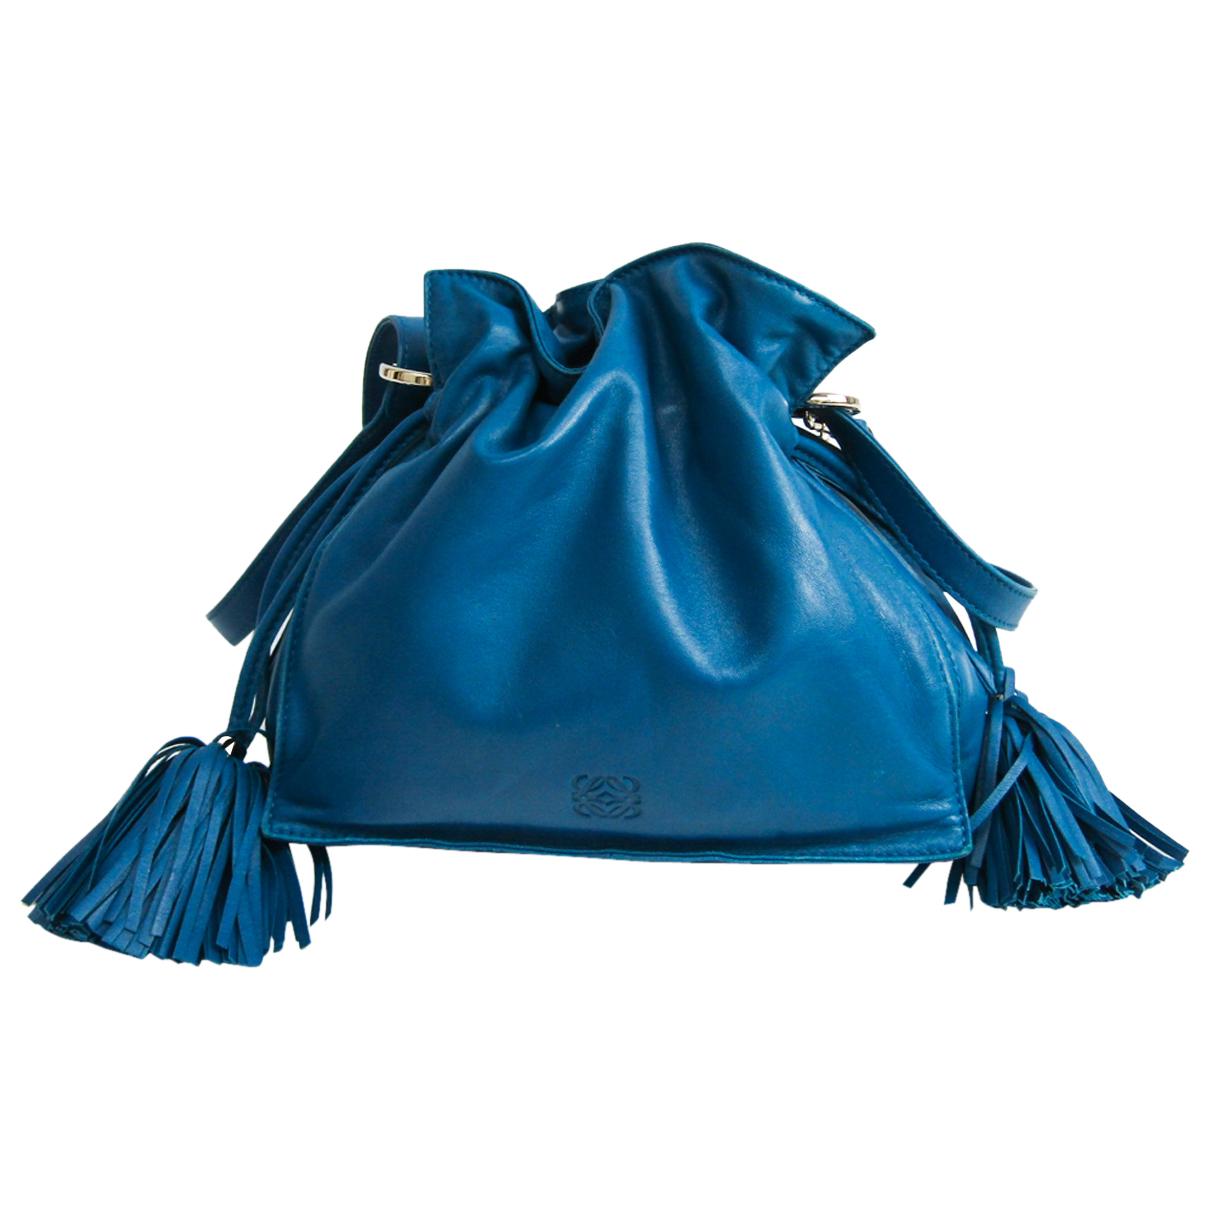 Loewe - Sac a main Flamenco pour femme en cuir - bleu